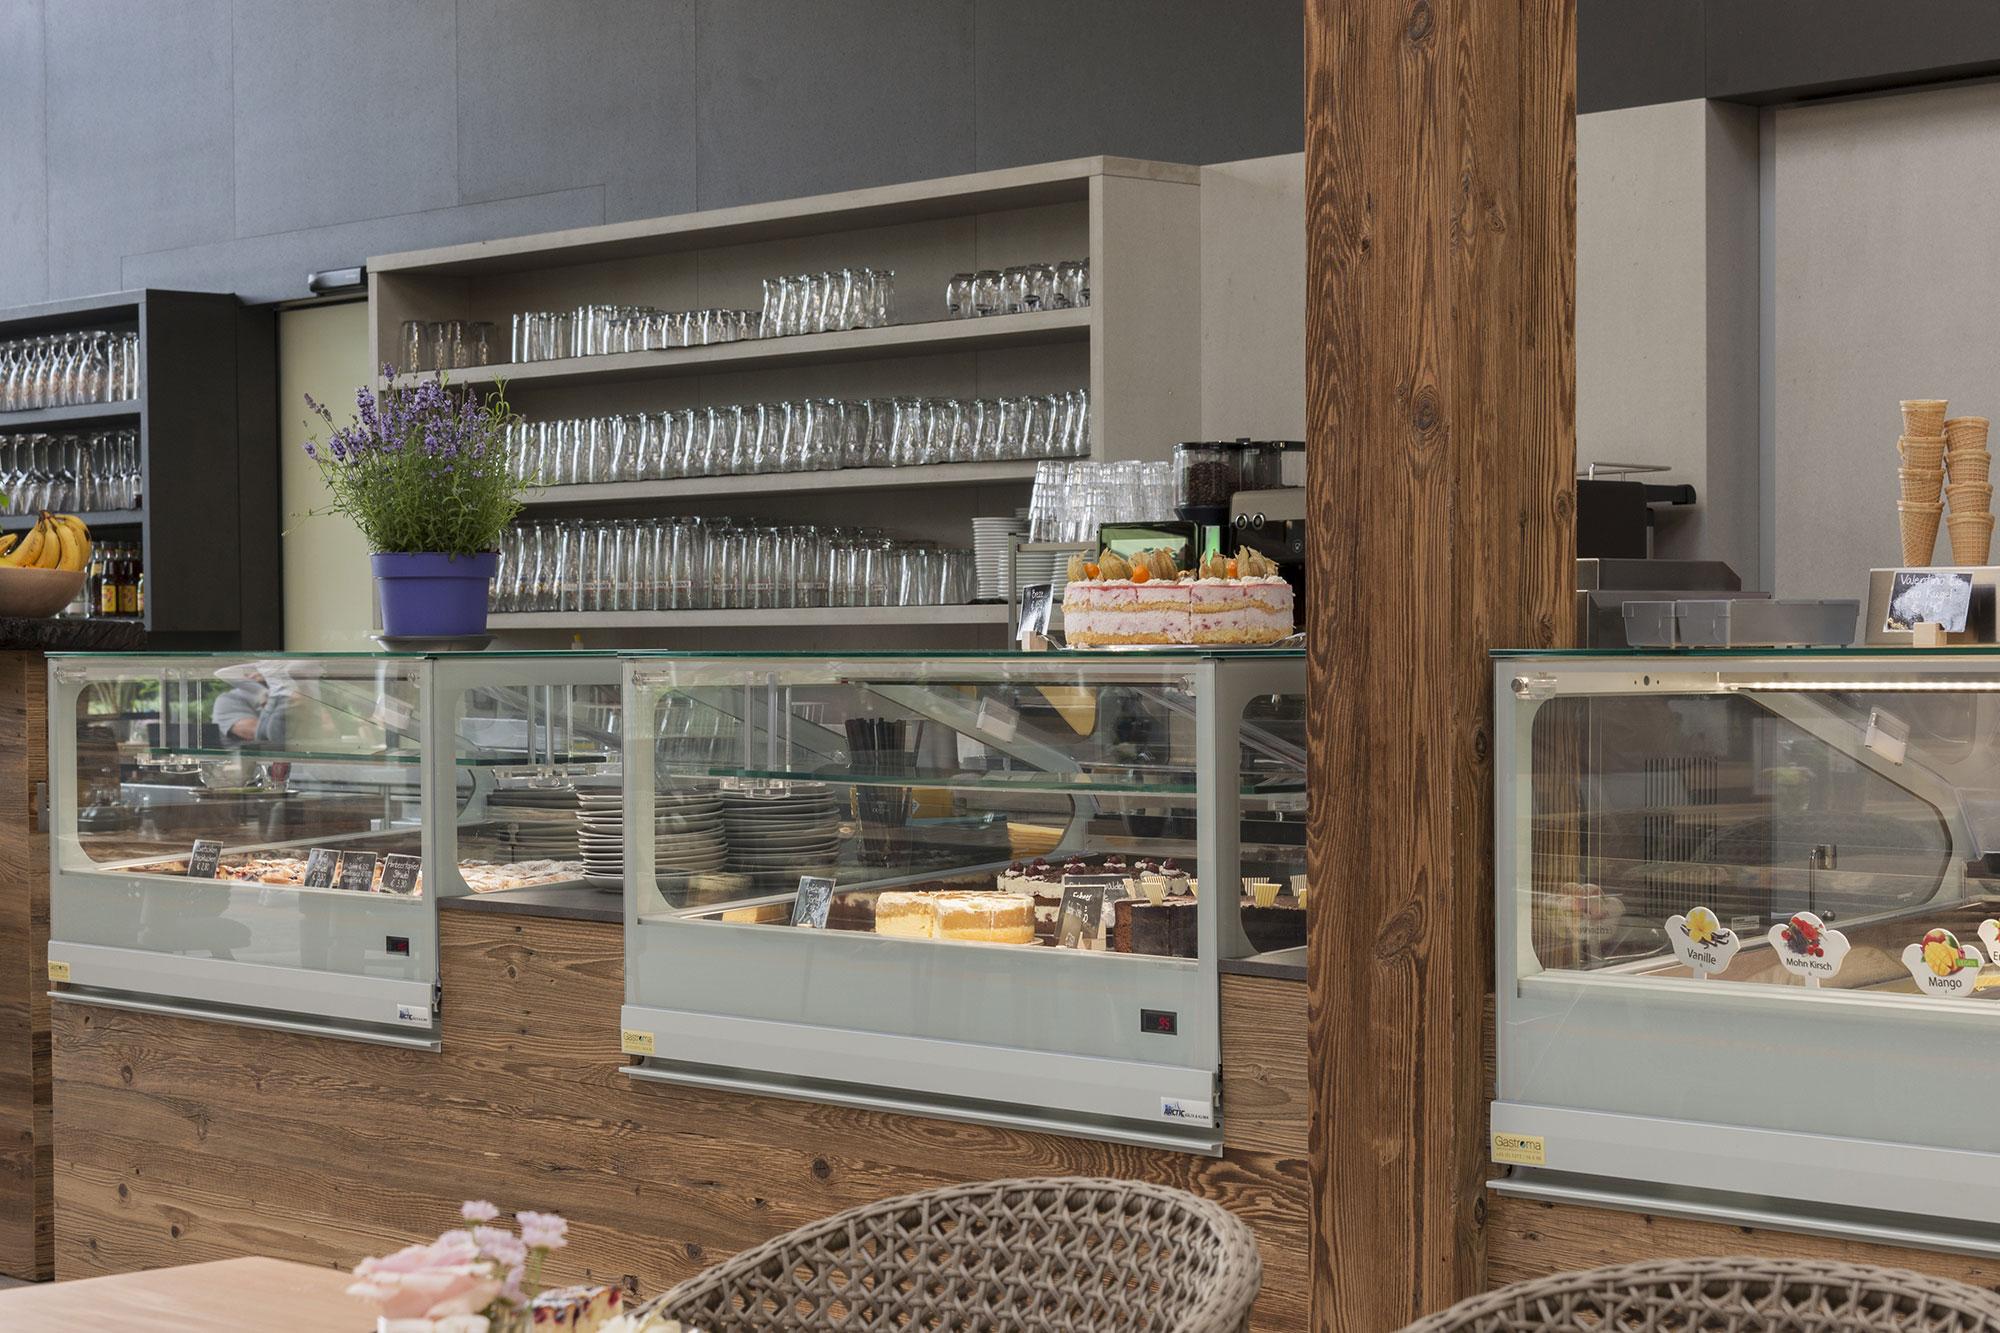 Tischlerei Stöckl Ebbs Café Einrichtung Möbel Inneneinrichtung Theke Holz